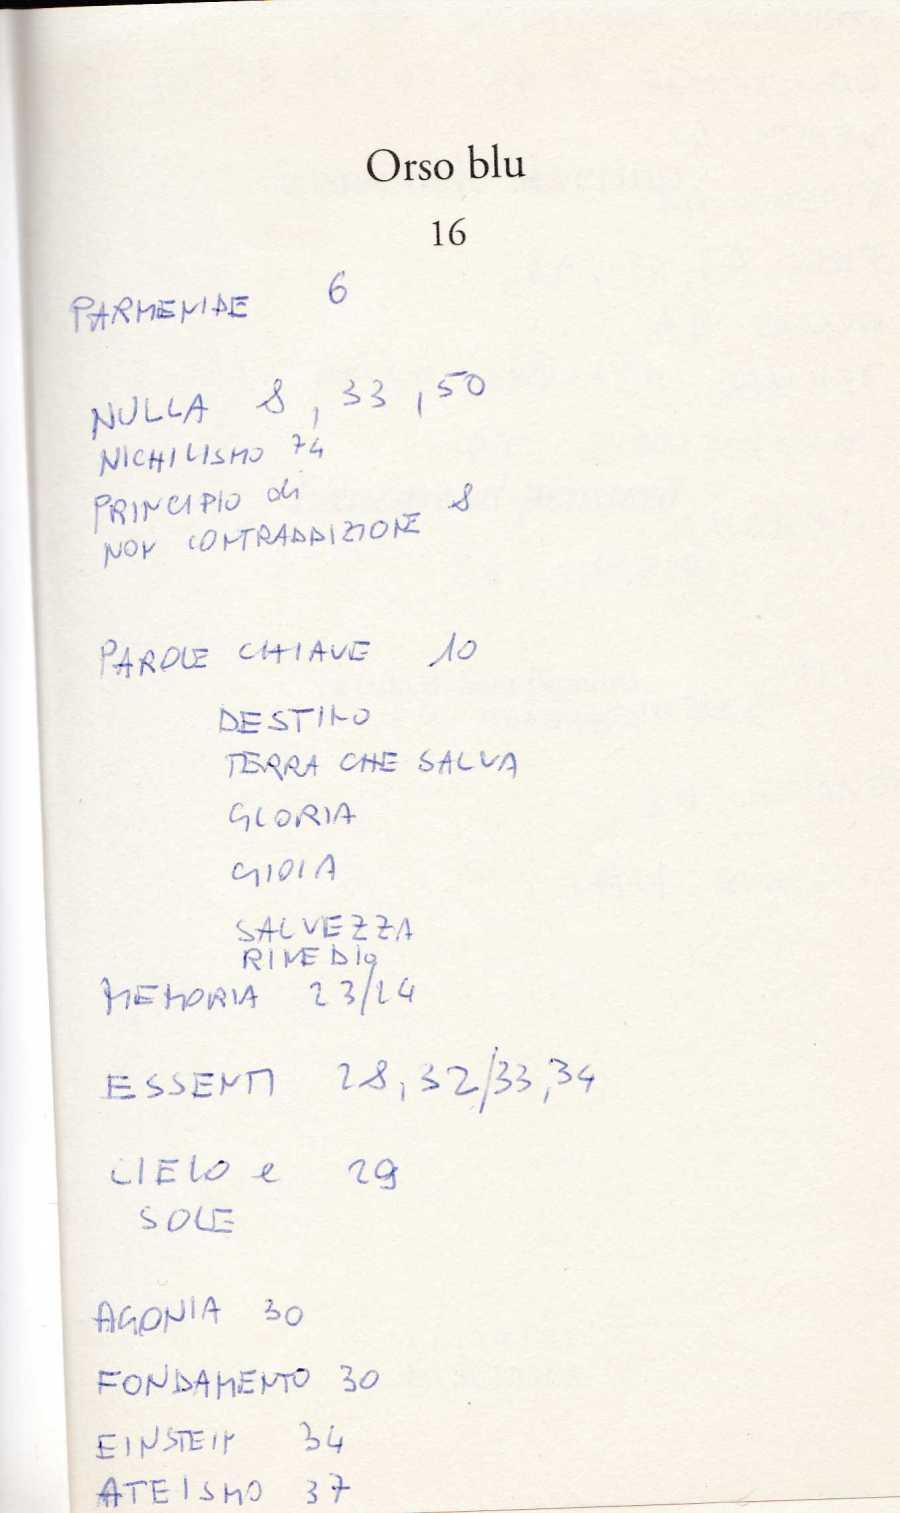 educare-pensiwero4383